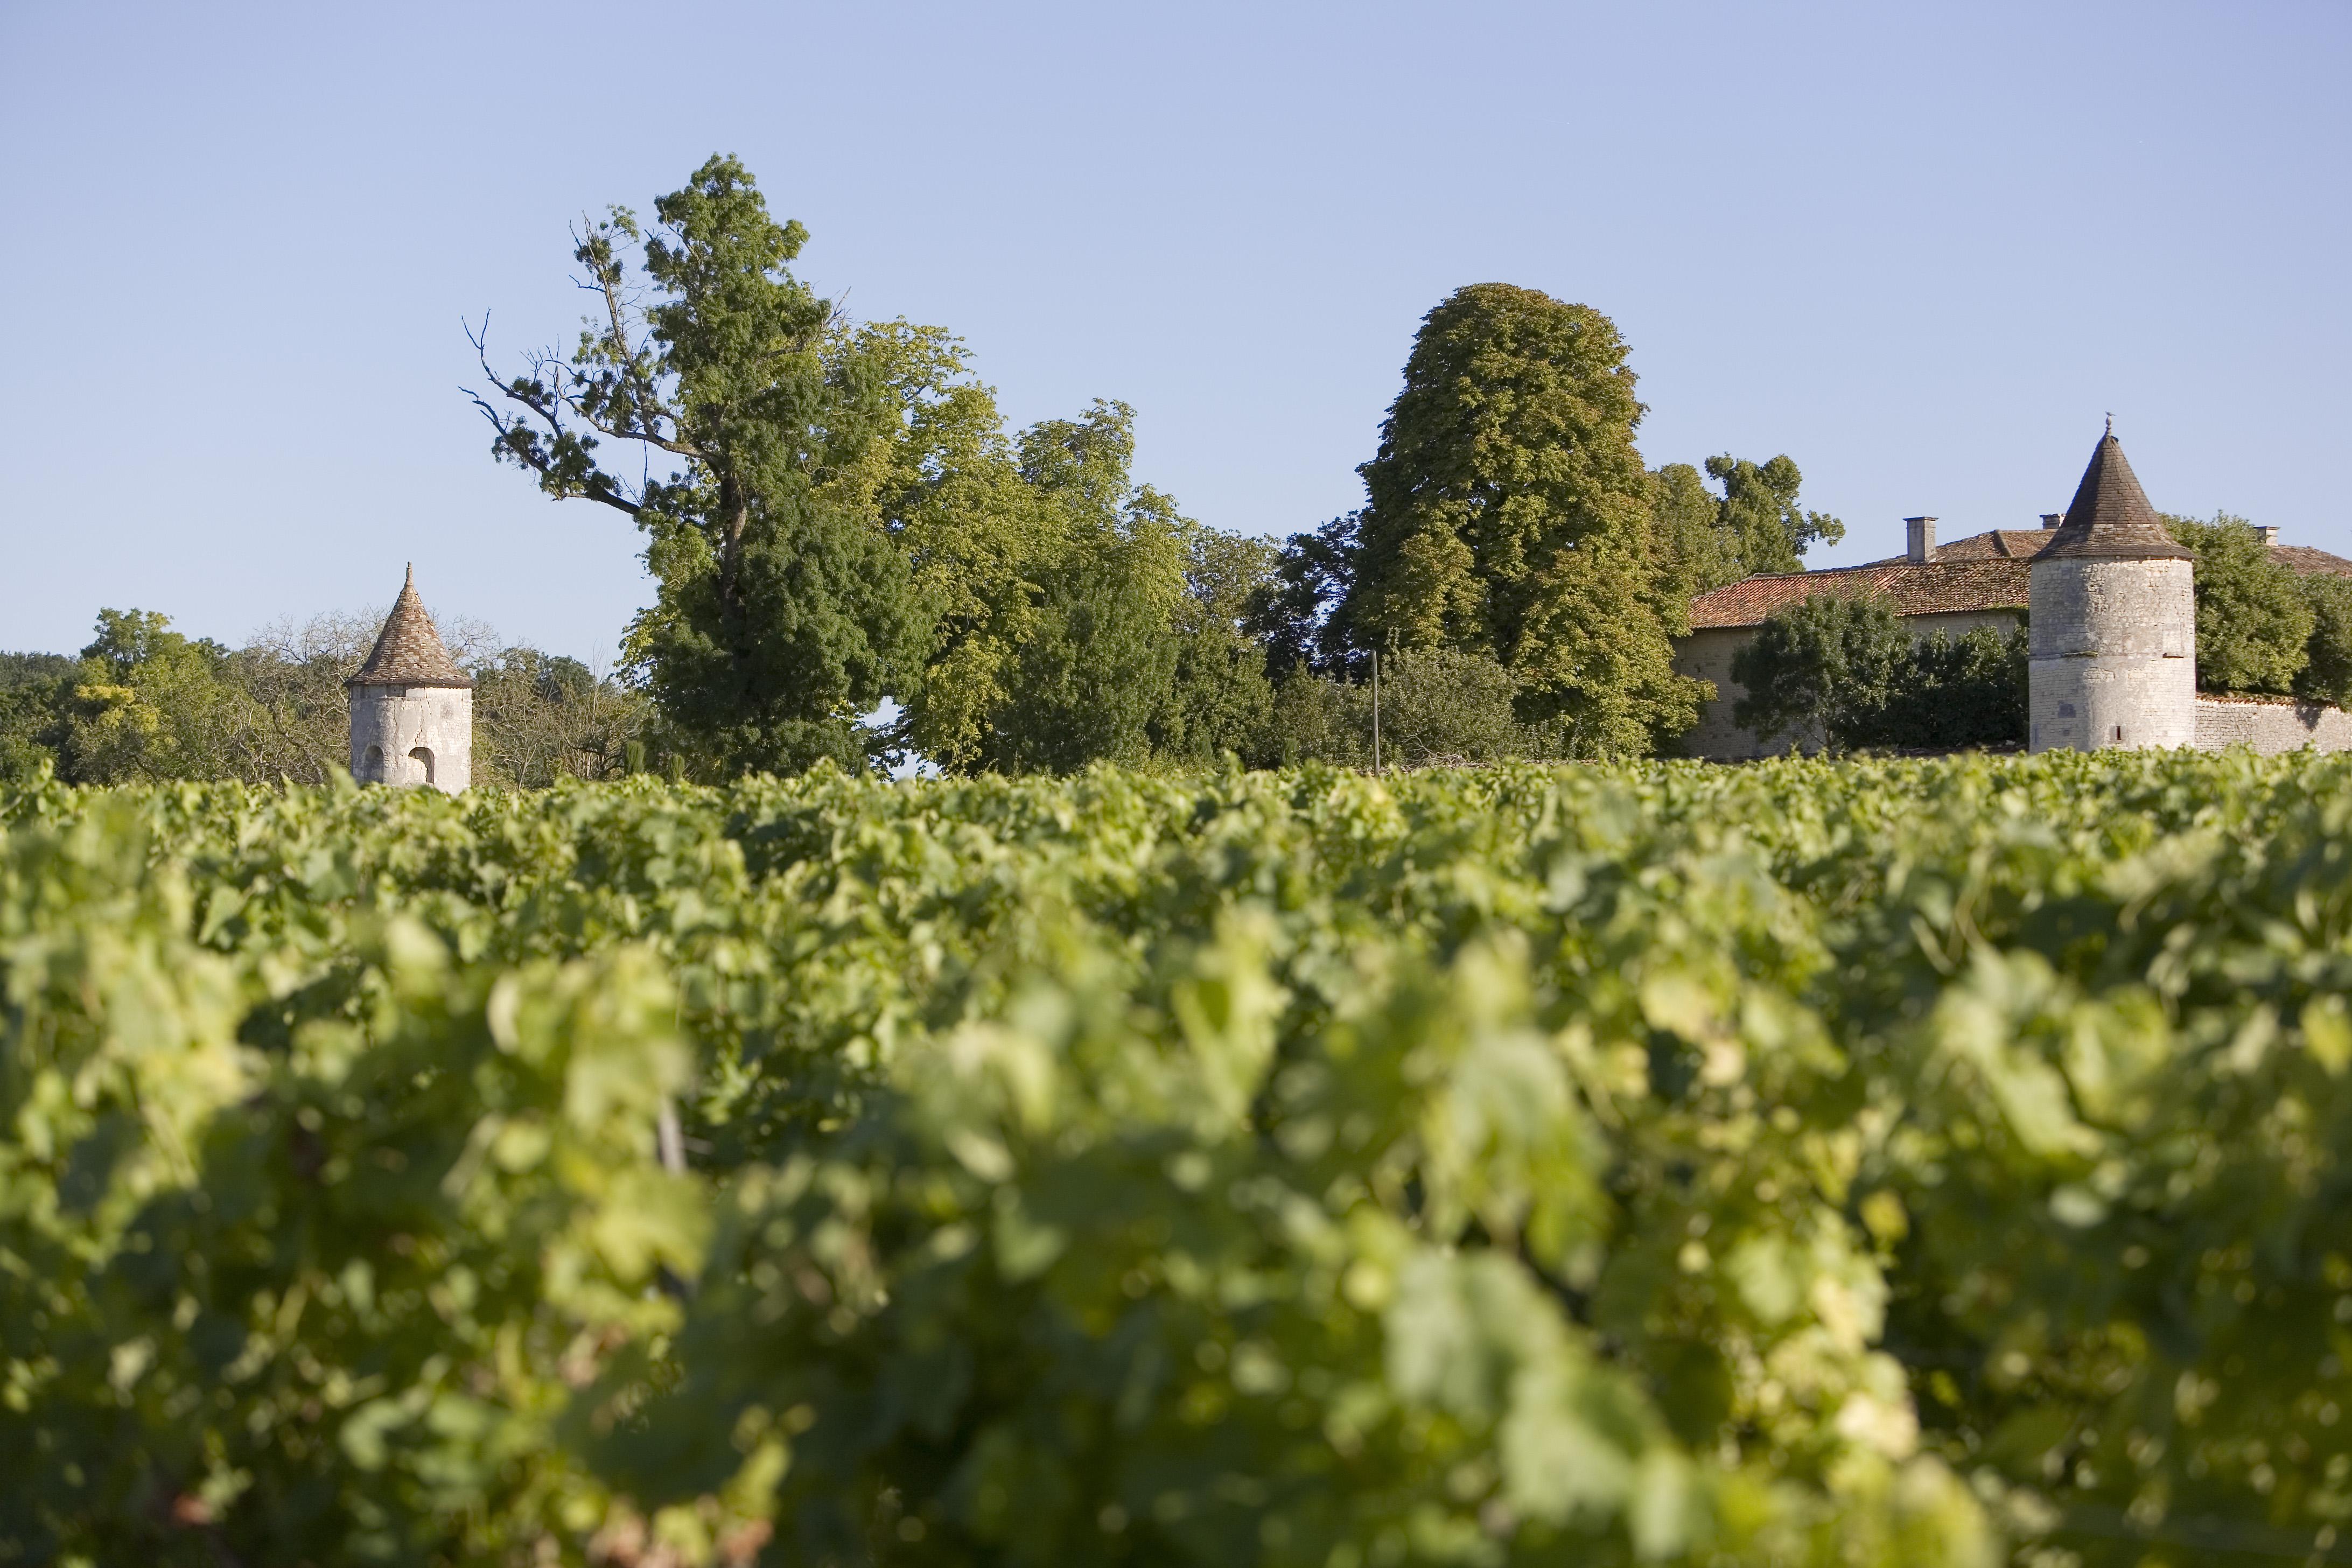 vignes ouzounoff en bateau charente en croisiere inter croisieres sireuil nicols.jpg